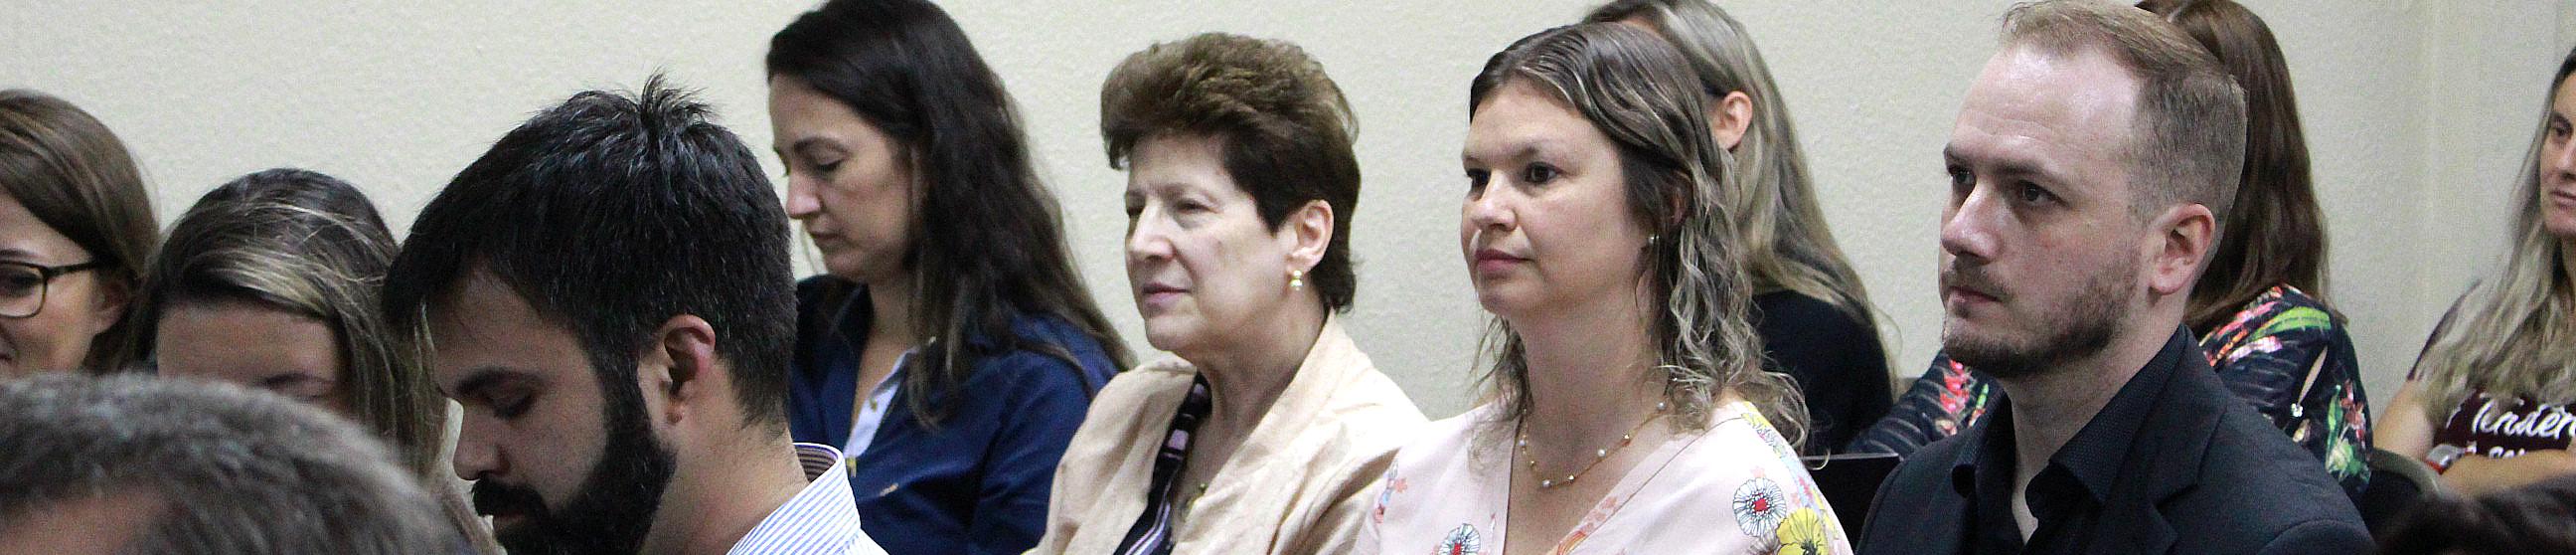 Colegas de equipe sorrindo em uma sala de reunião.